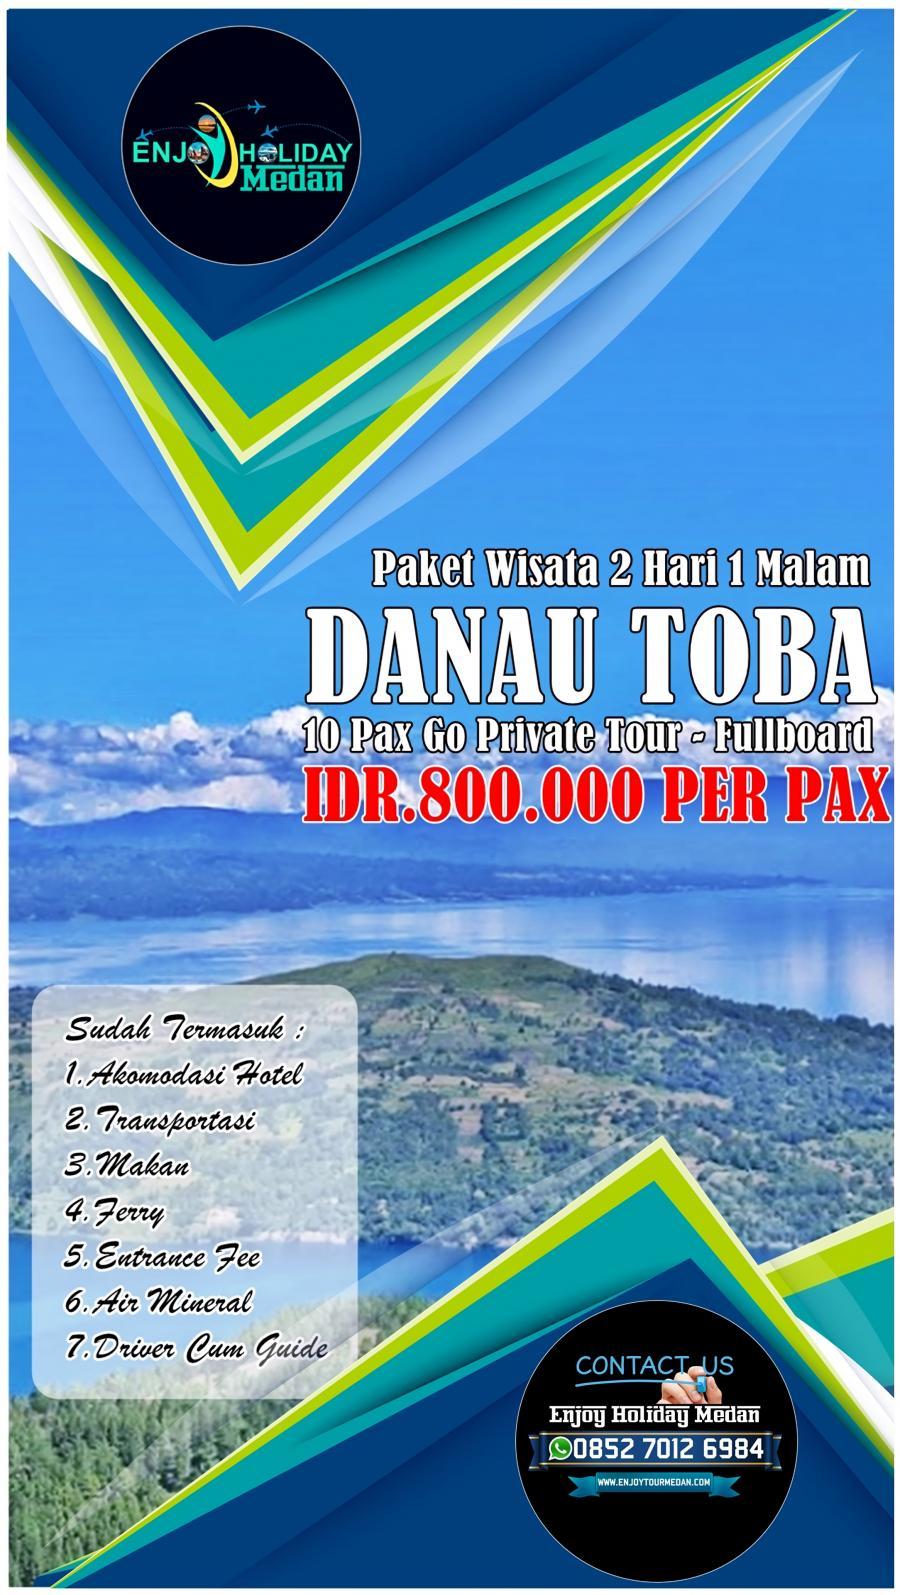 Paket Tour Medan Danau Toba 4 Hari 3 Malam